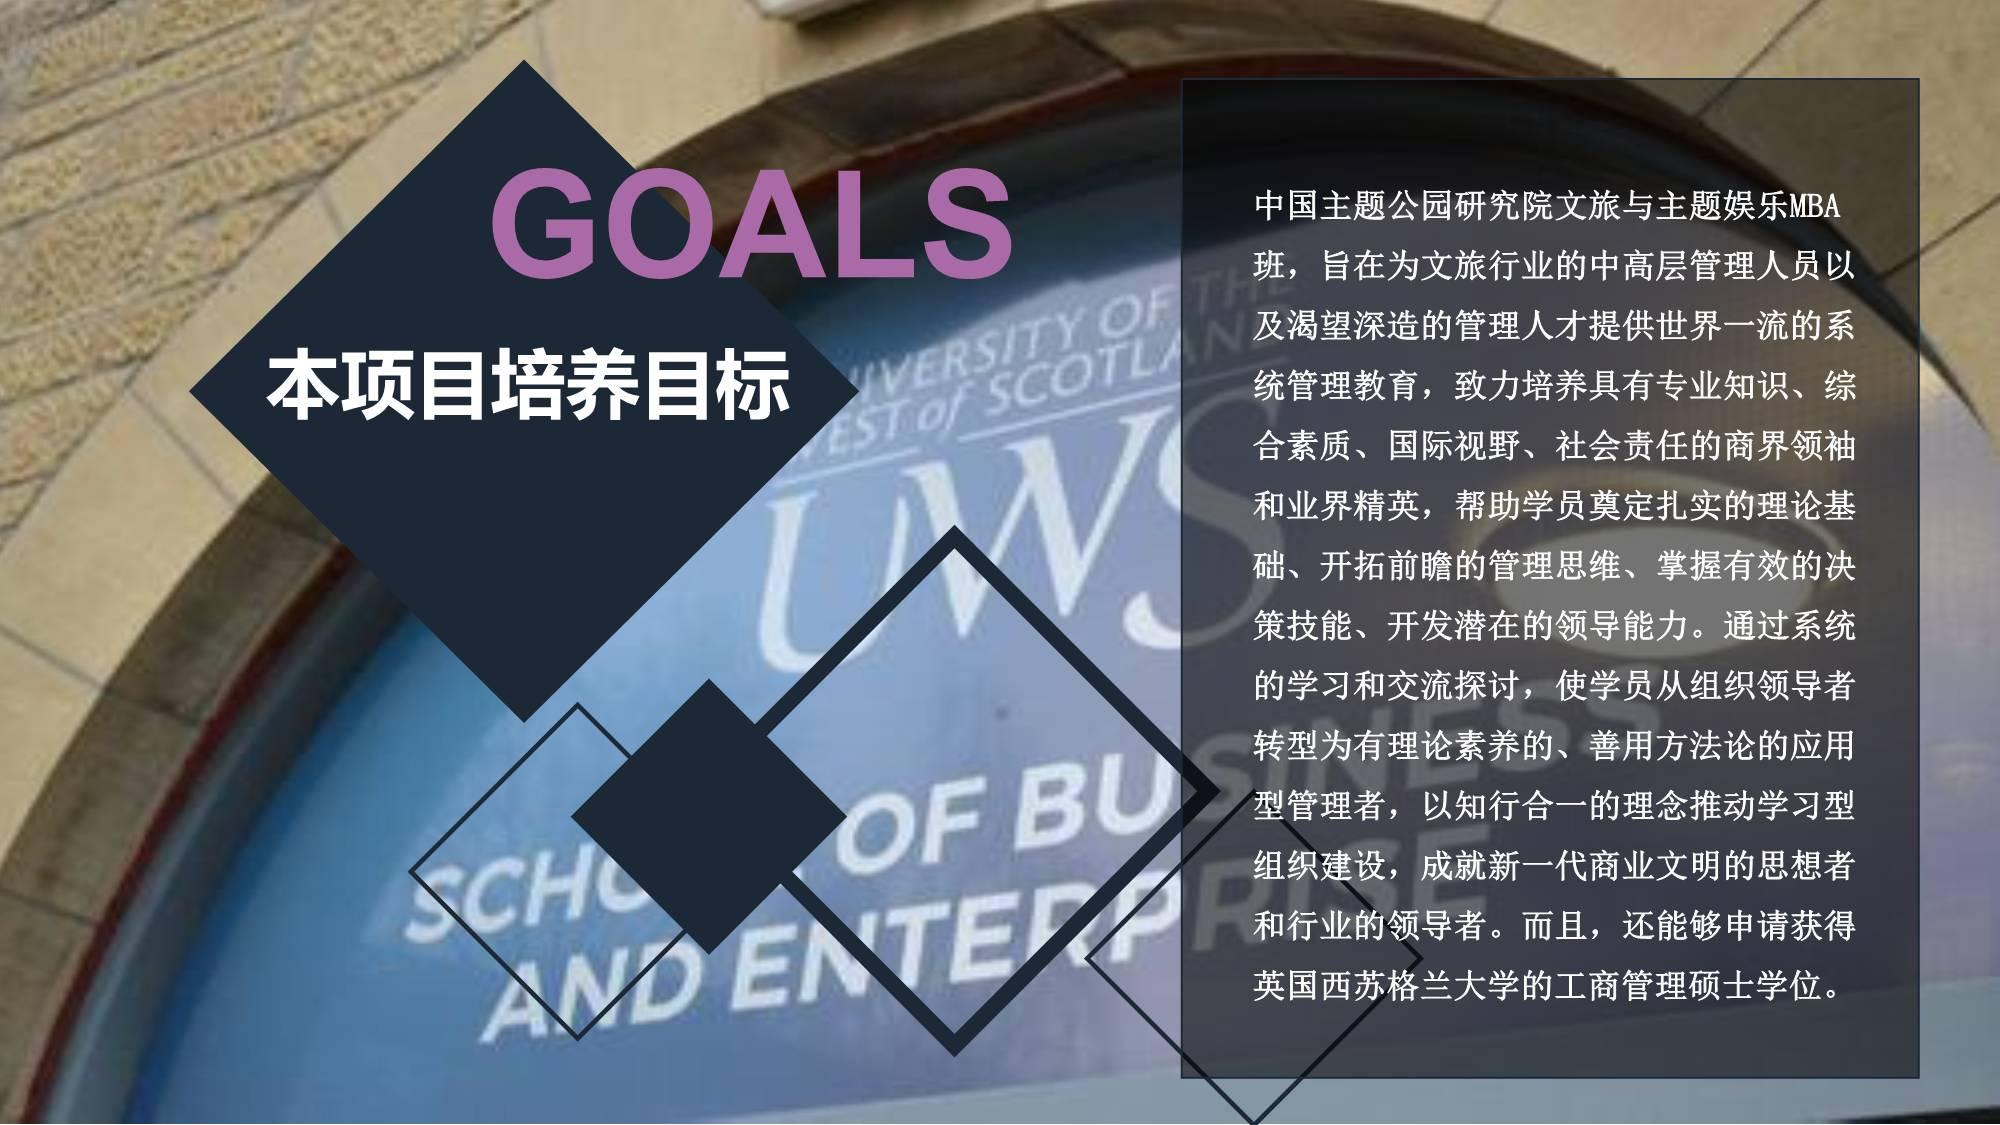 文旅与主题娱乐研究生四期班UWS学位(2020.6.17)(3)-9.jpg